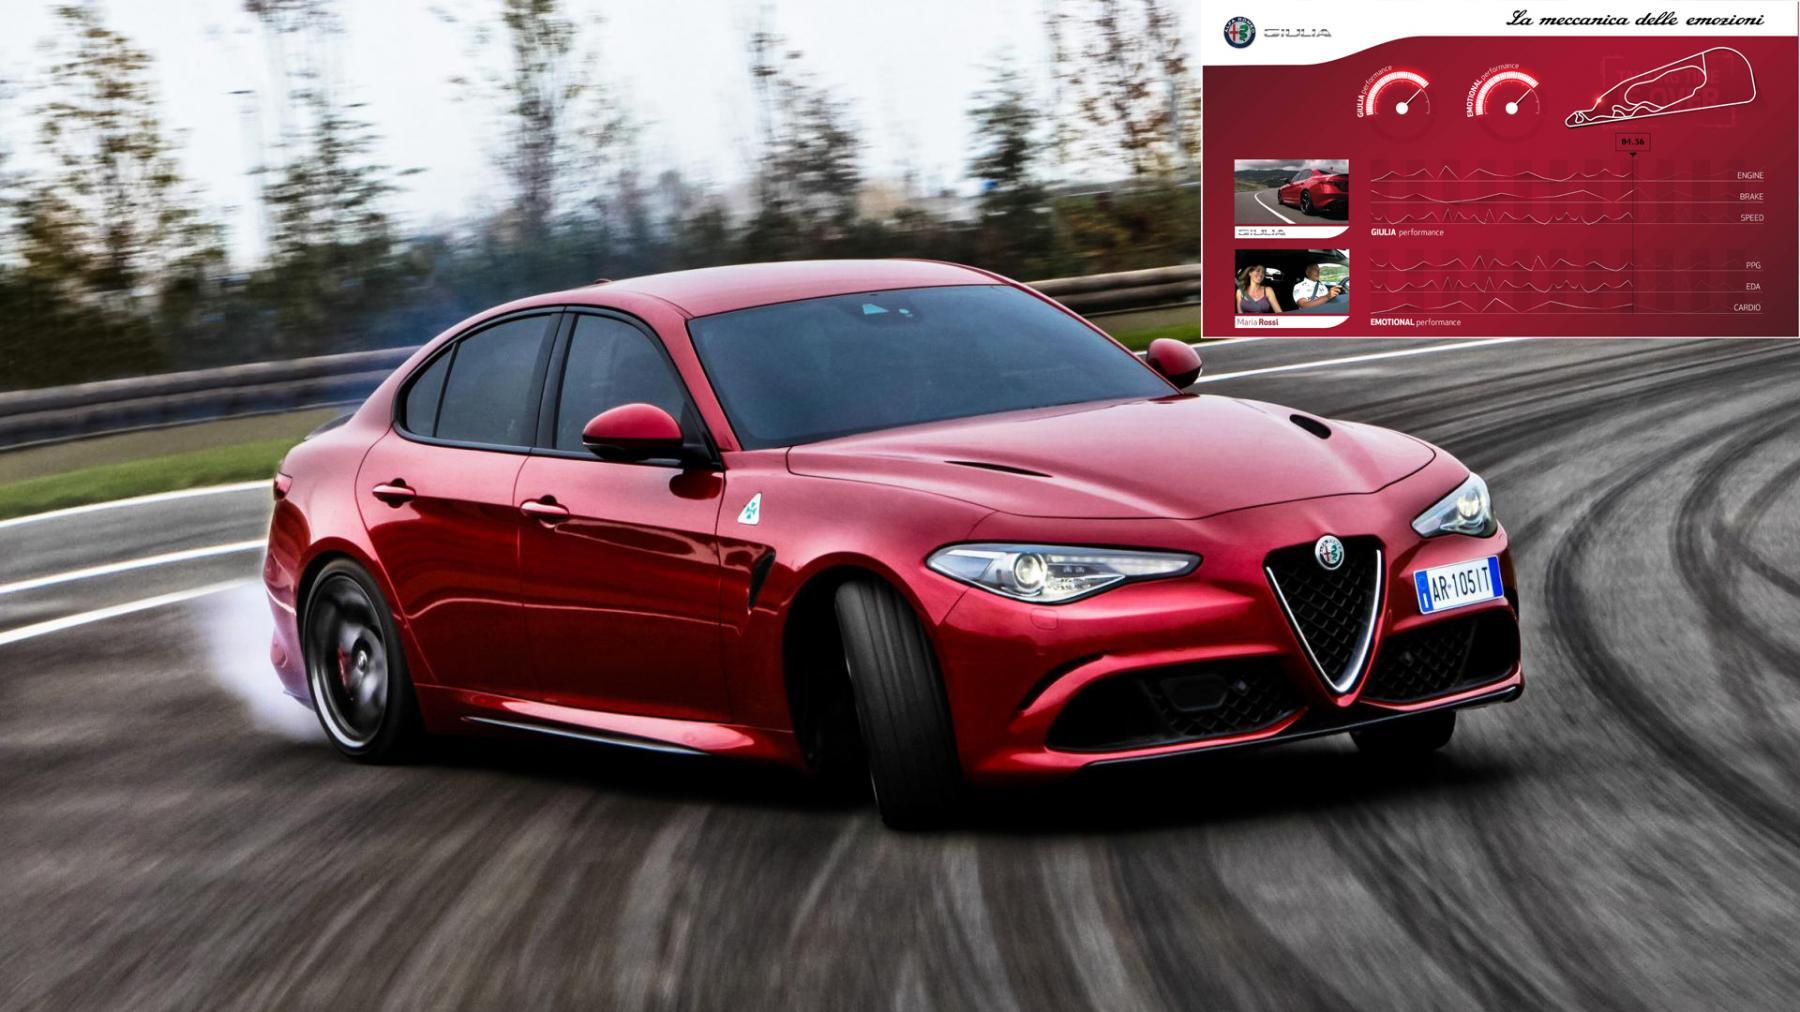 Lancio della nuova Alfa Romeo Giulia